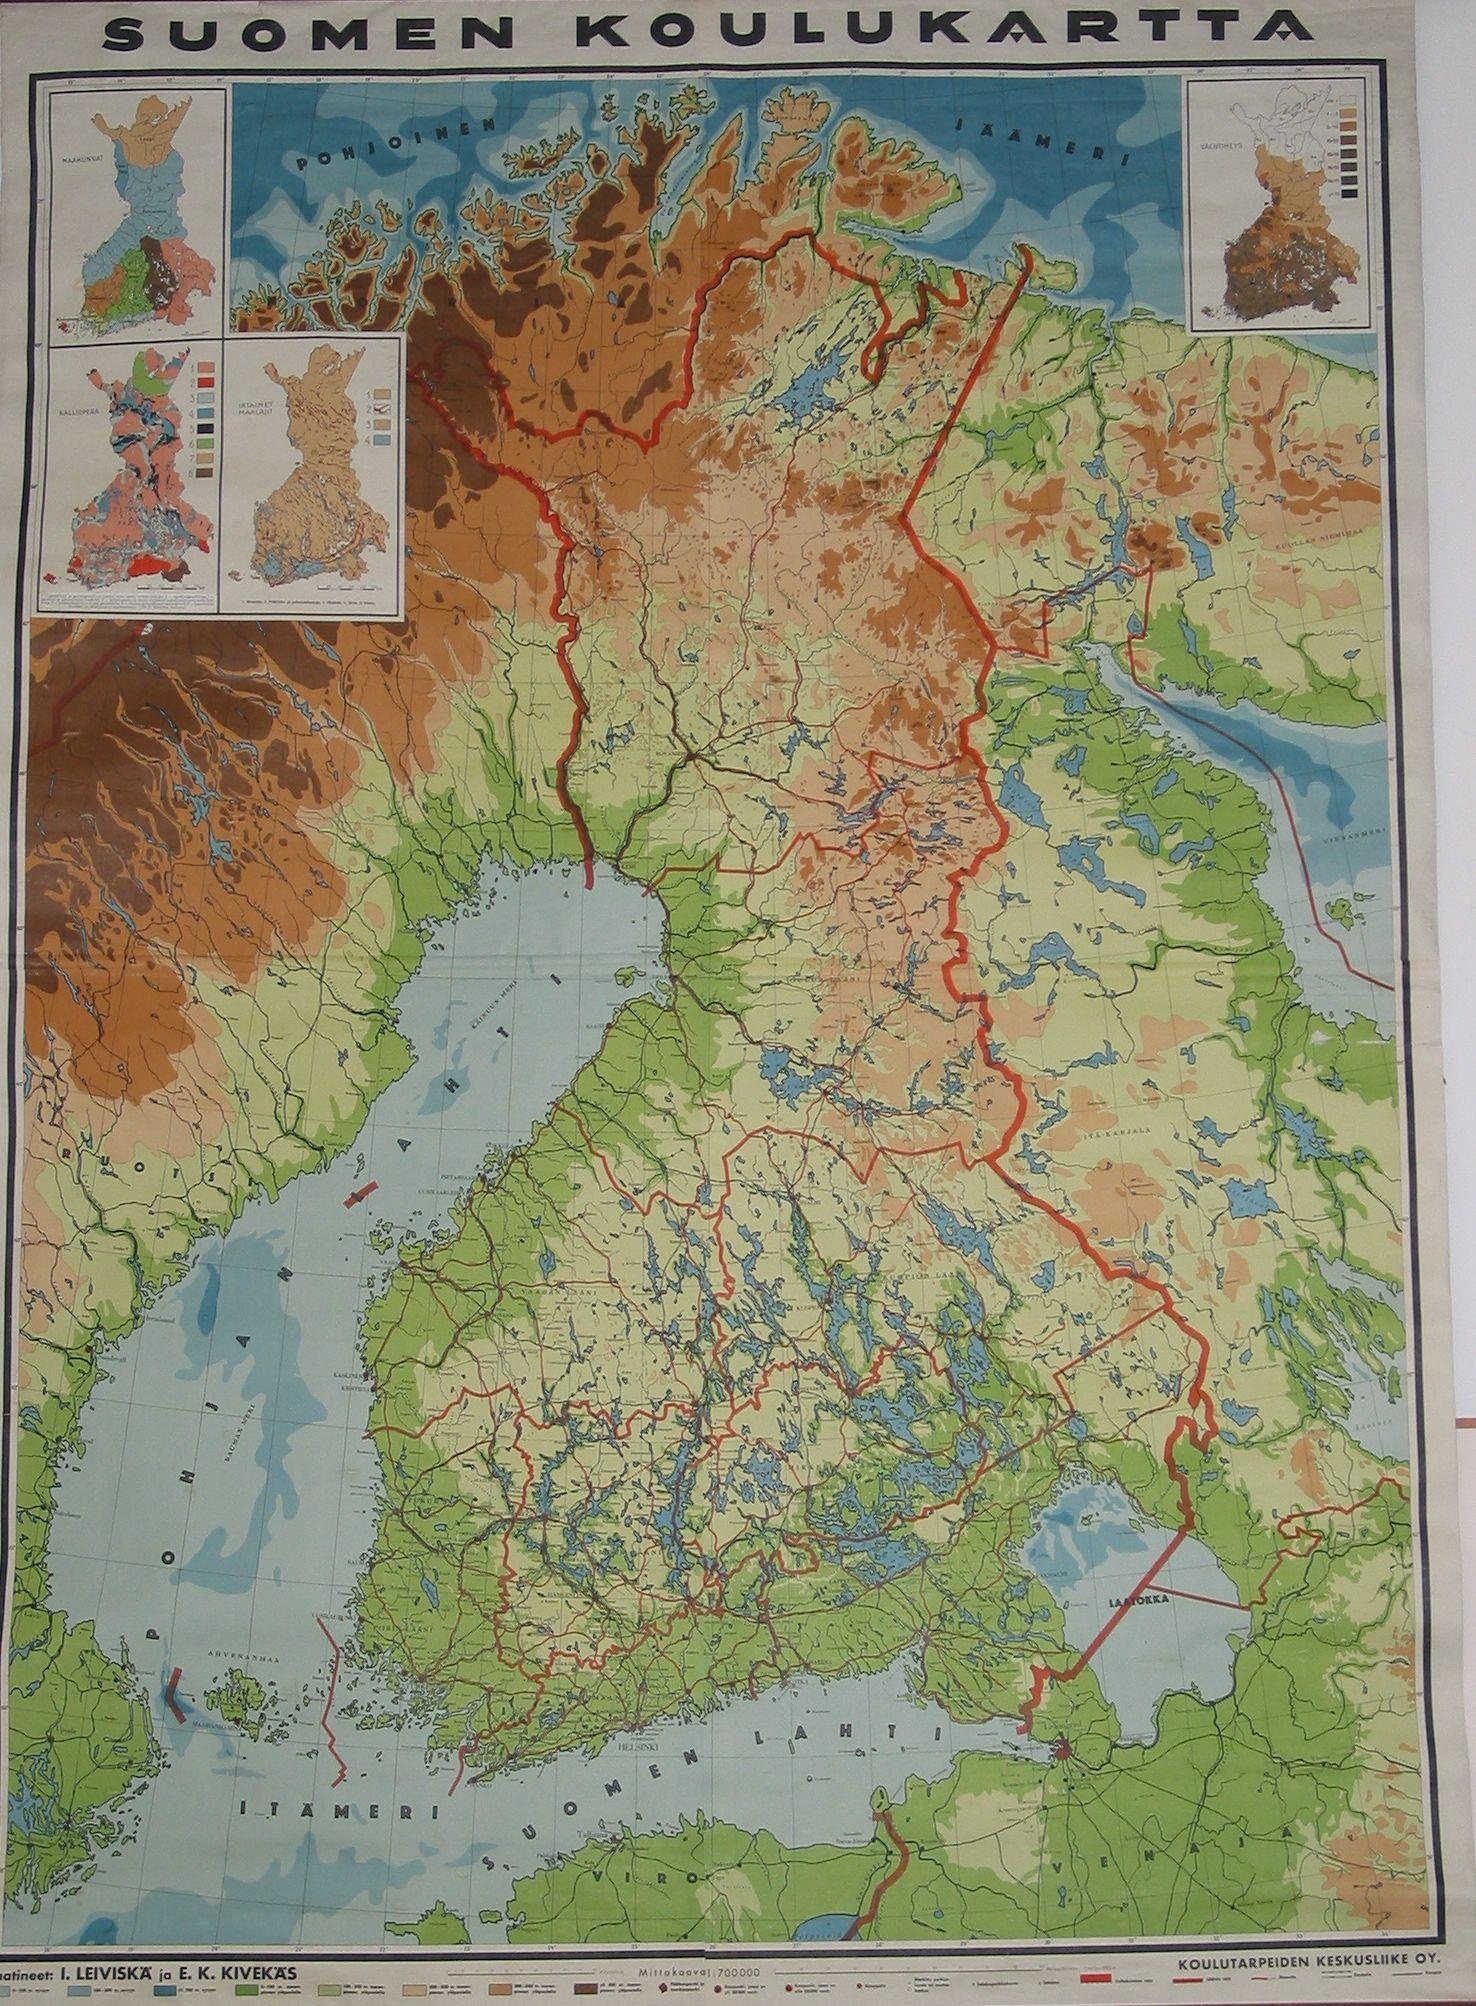 Suomen Koulukartta 1930 Luvulta Kartta Vanhat Kartat Maantiede